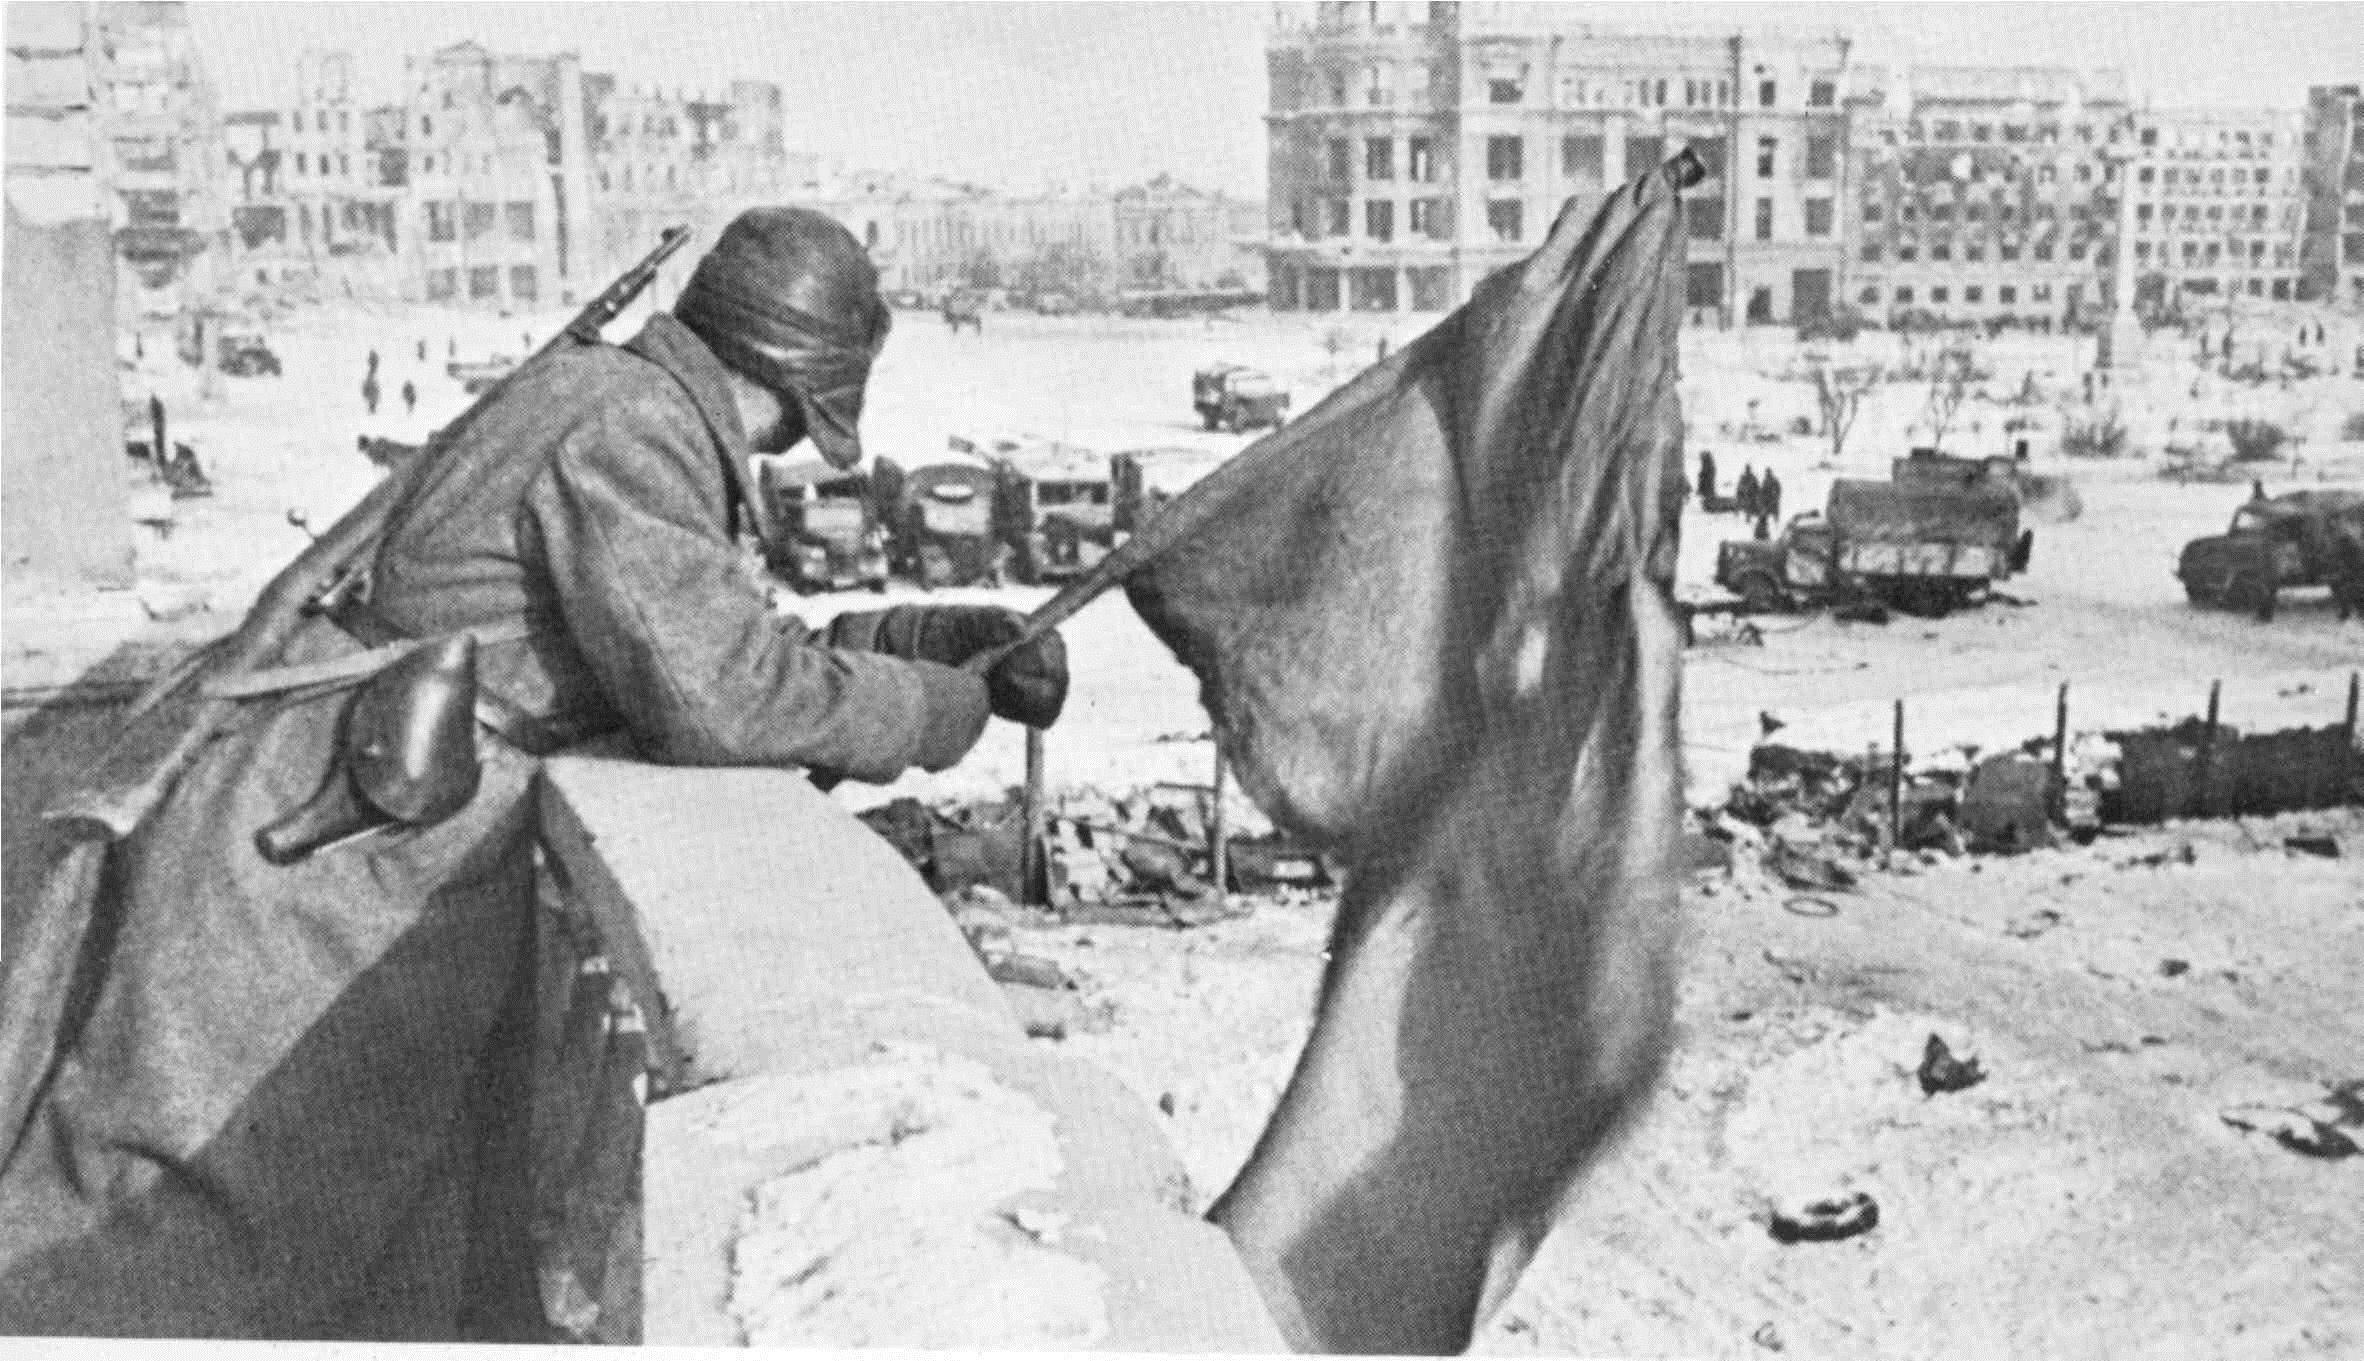 Αποτέλεσμα εικόνας για ΣΤΑΛΙΝΓΚΡΑΝΤ + Κόκκινος Στρατός